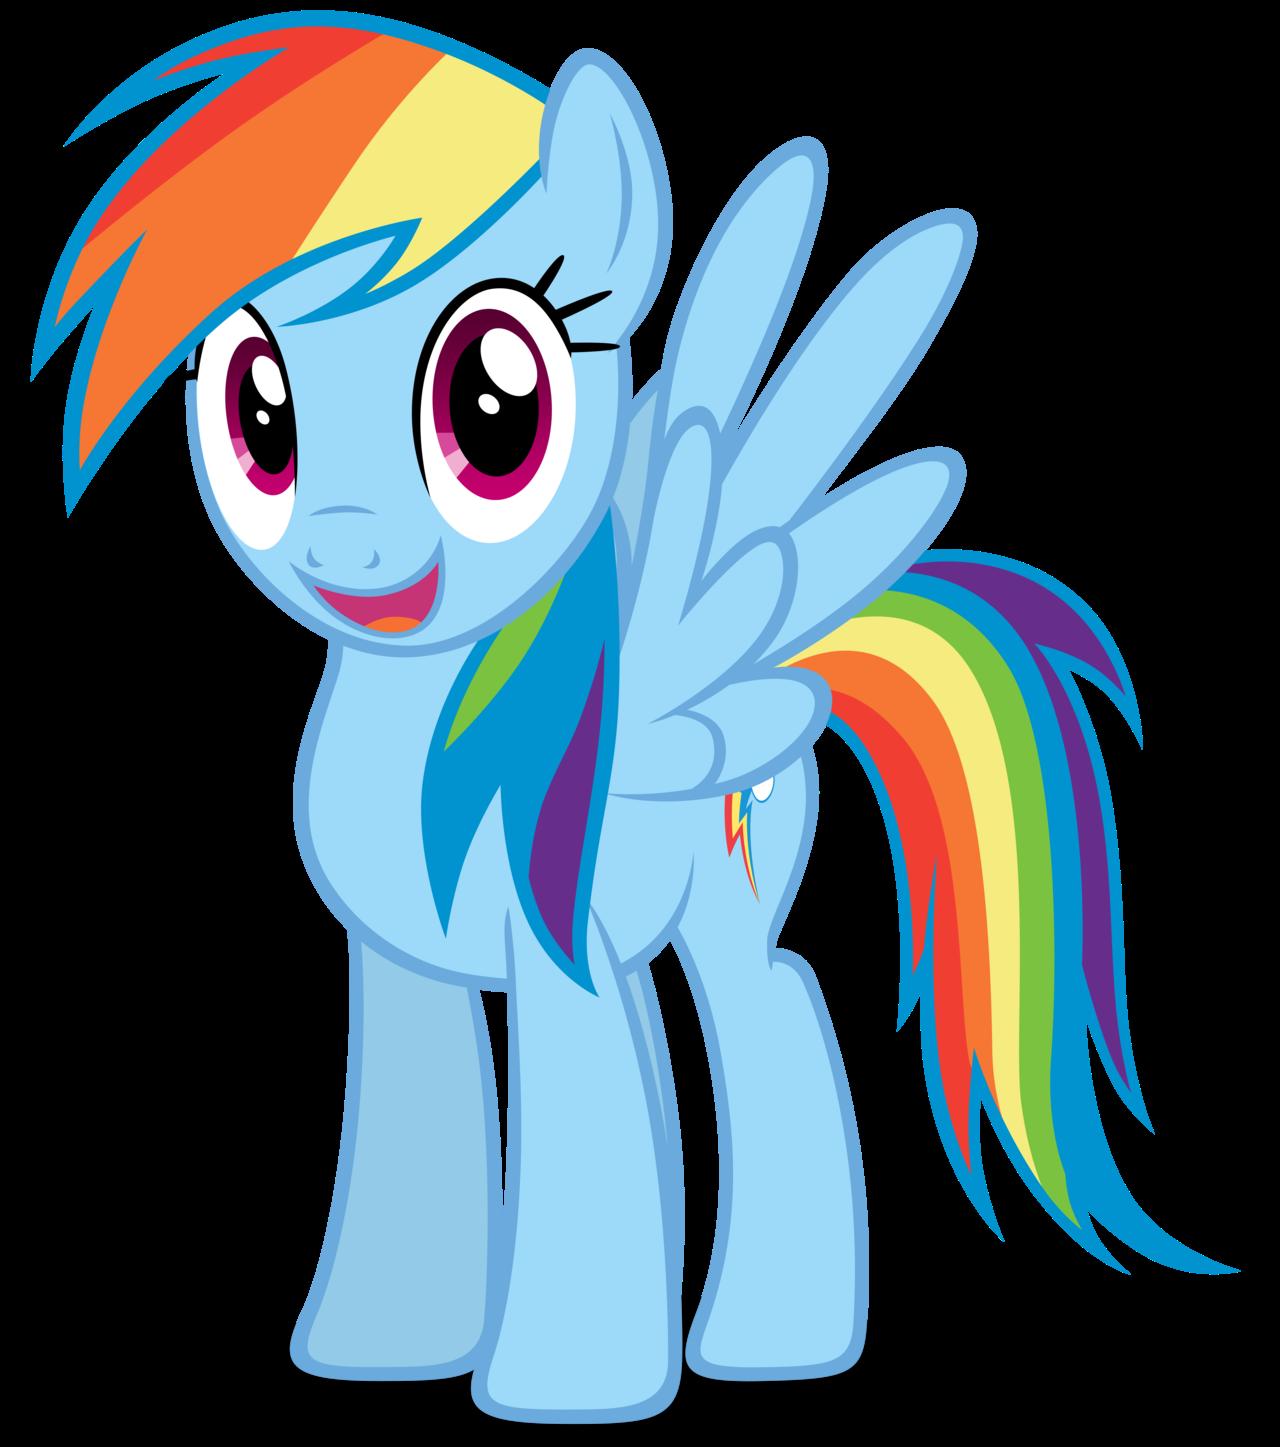 картинки пони рейнбоу дэш делает свою